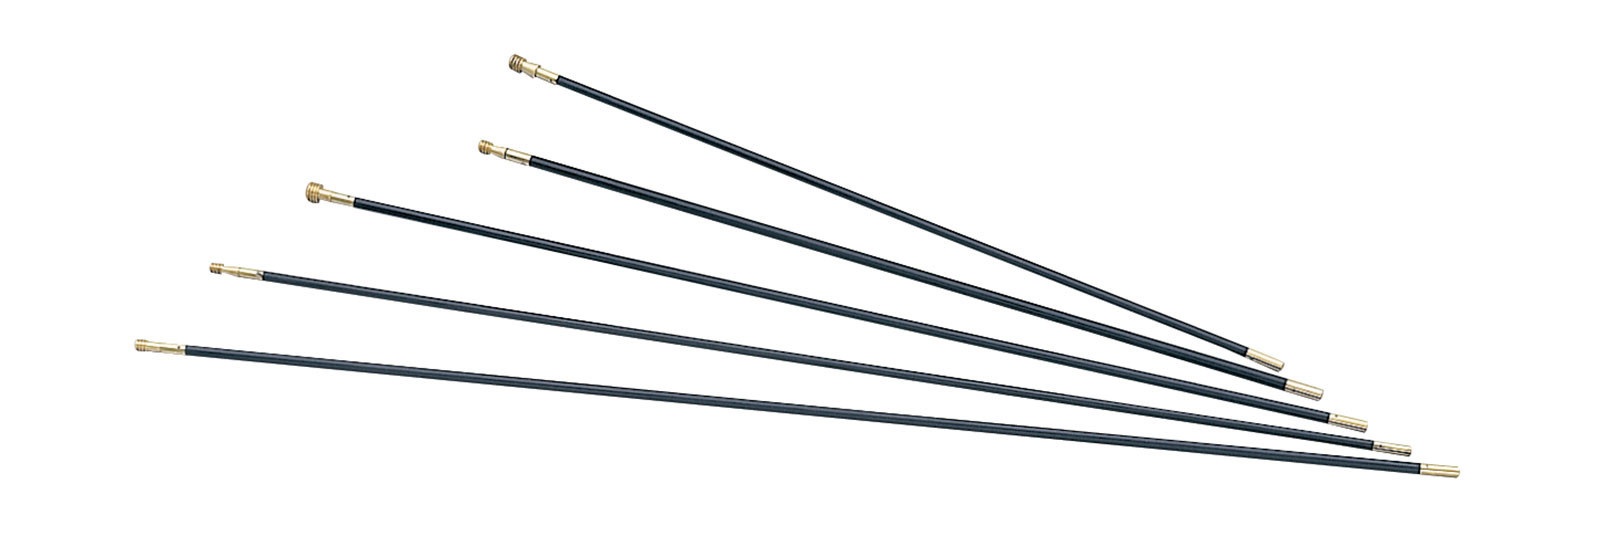 Muzzleloading Fiberglass ramrods 9x695 mm